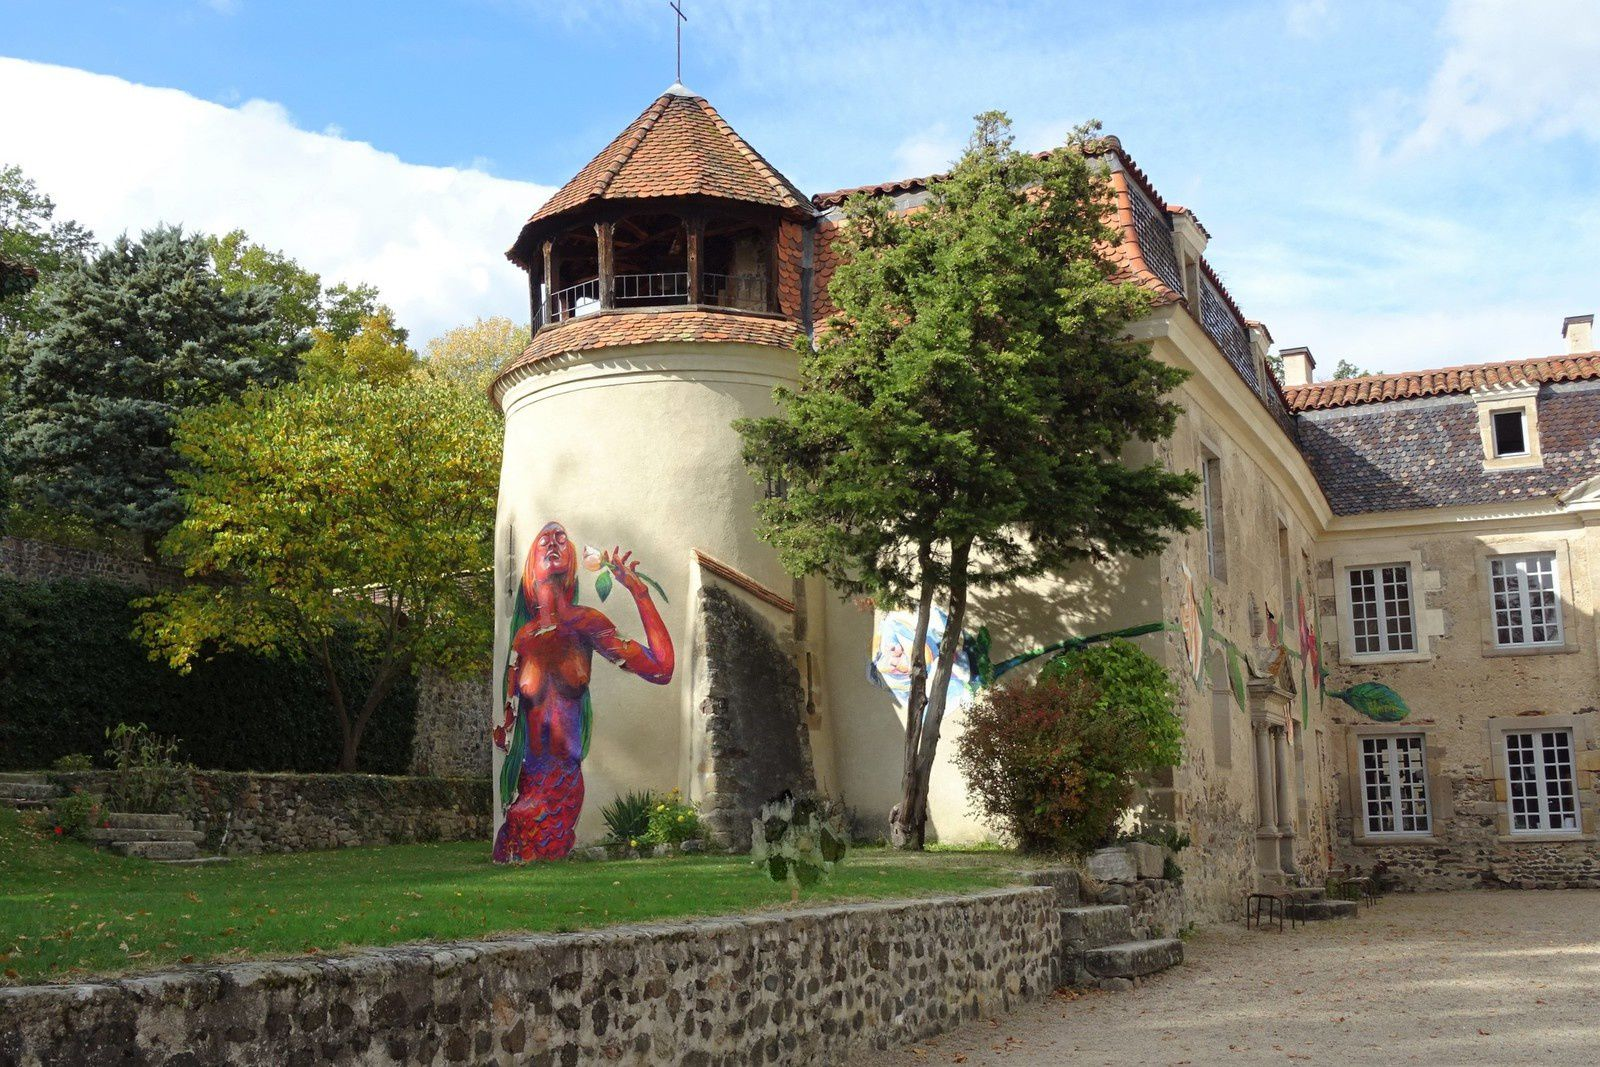 Dernier ravitaillement au château de Goutelas, des fresques ont été peintes sur les murs. 4 ravitaillements sur tout le parcours plus un petit casse-croûte à l'arrivée. Un balisage parfait, une belle journée vététesque.